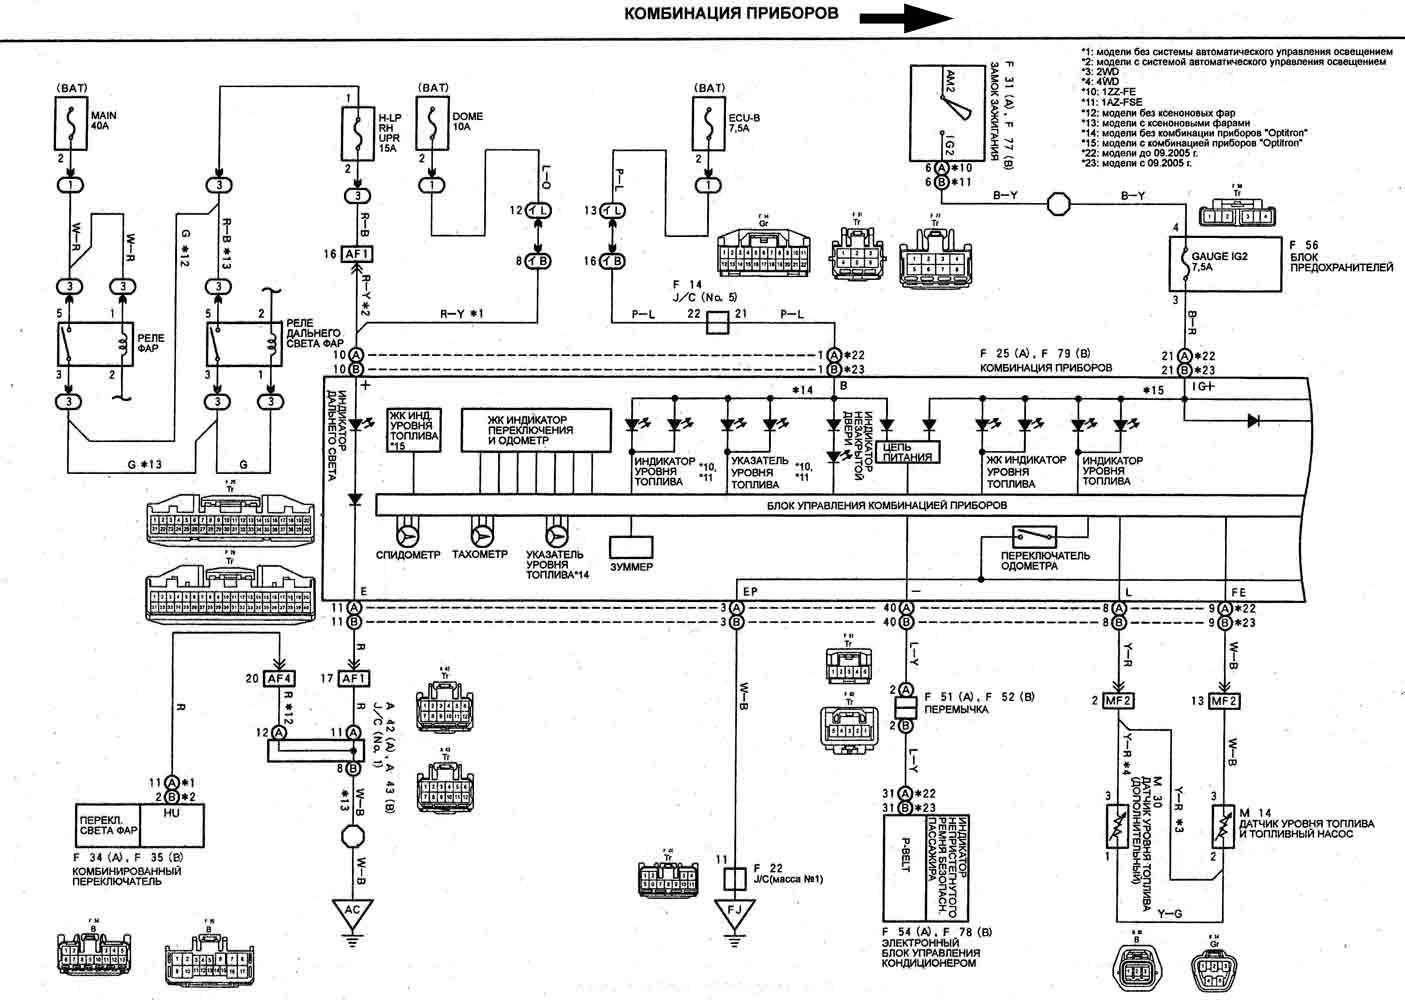 Схема панели приборов ваз-2131